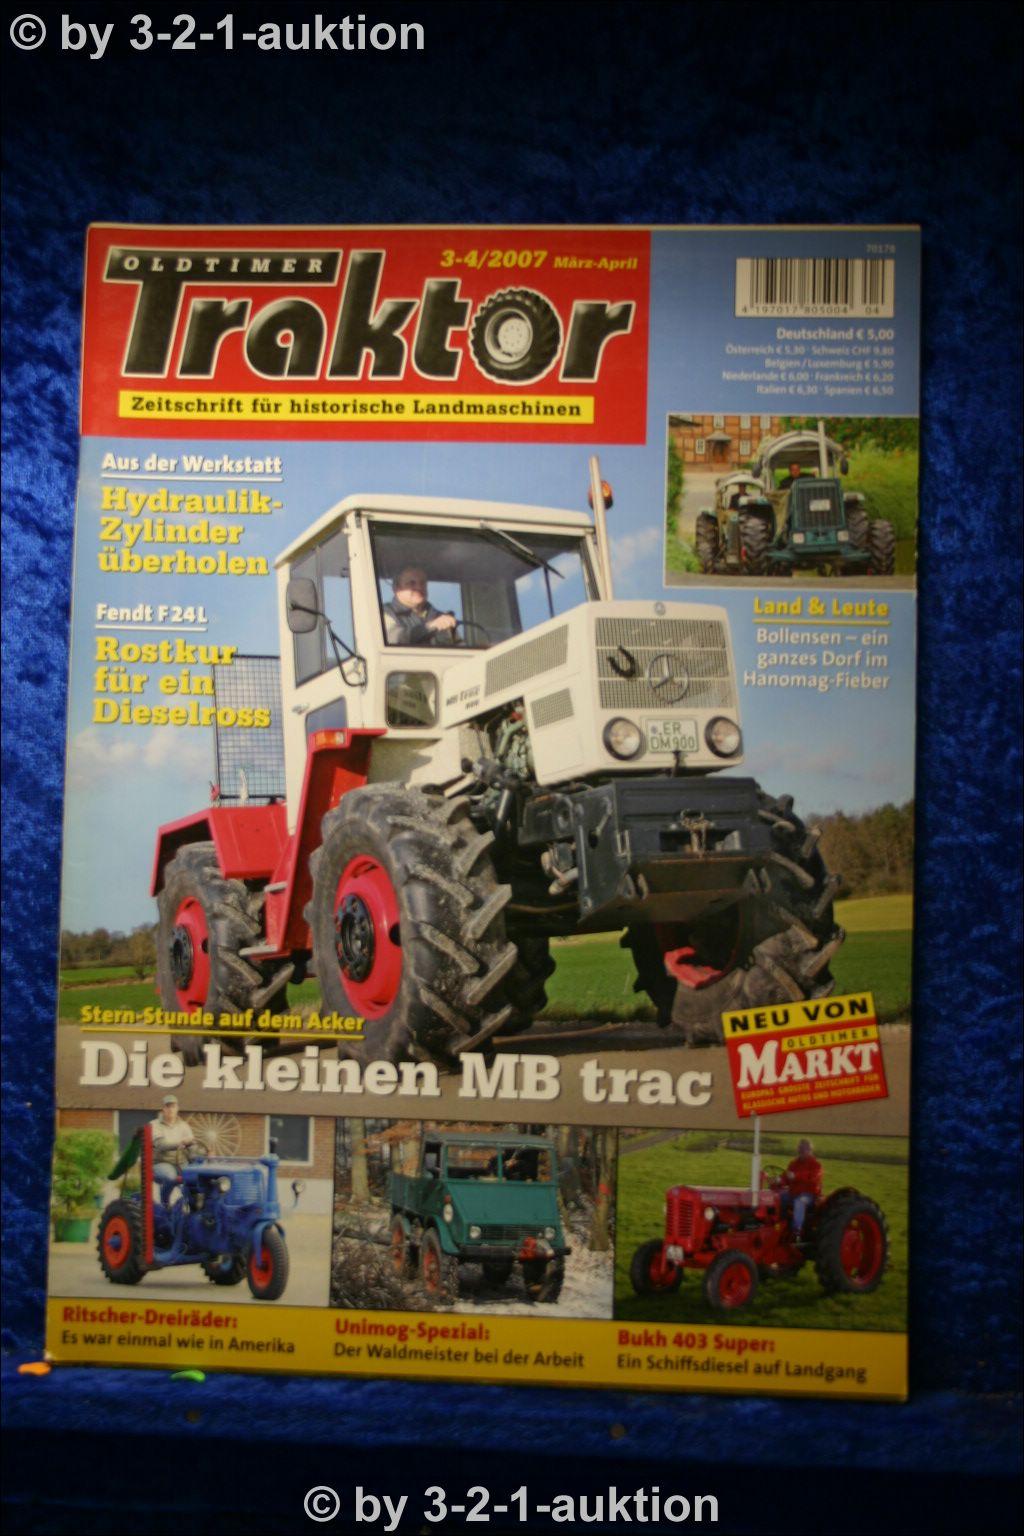 oldtimer traktor 3 4 07 mb trac fendt f24l dieselross bukh. Black Bedroom Furniture Sets. Home Design Ideas